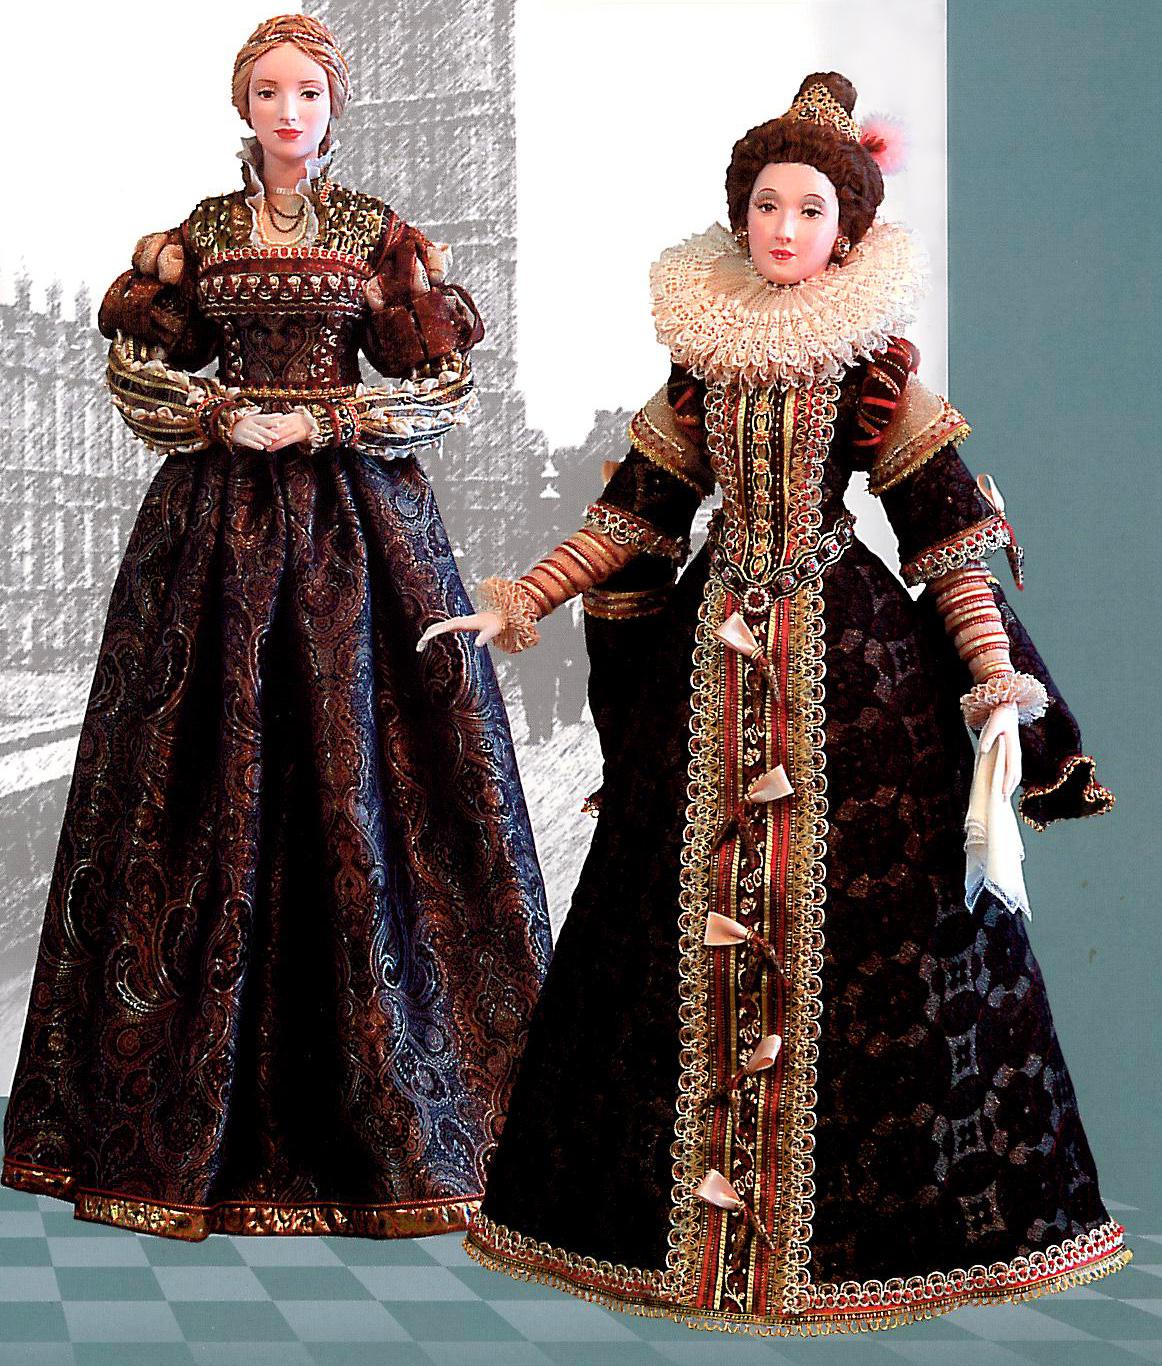 """""""Придворная дама. Италия."""" 75,5 см. """"Придворная дама. Испания"""" 74 см. Керамика, текстиль."""